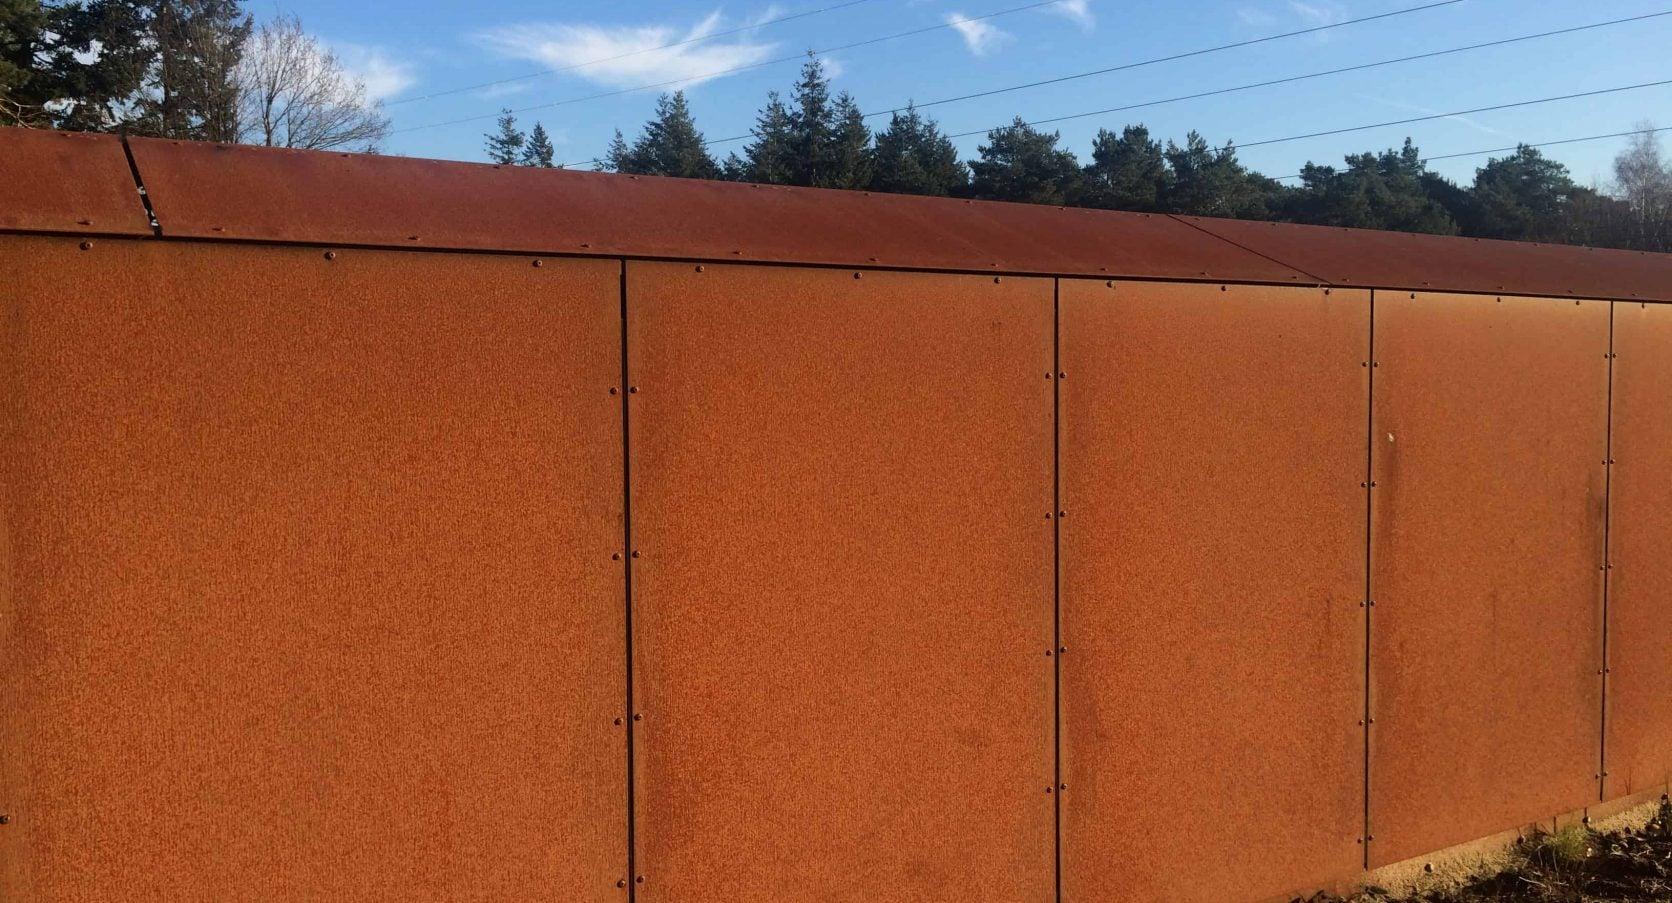 Pompstation Vitens in Harderwijk uitgerust met cortenstaal panelen als gevelbekleding